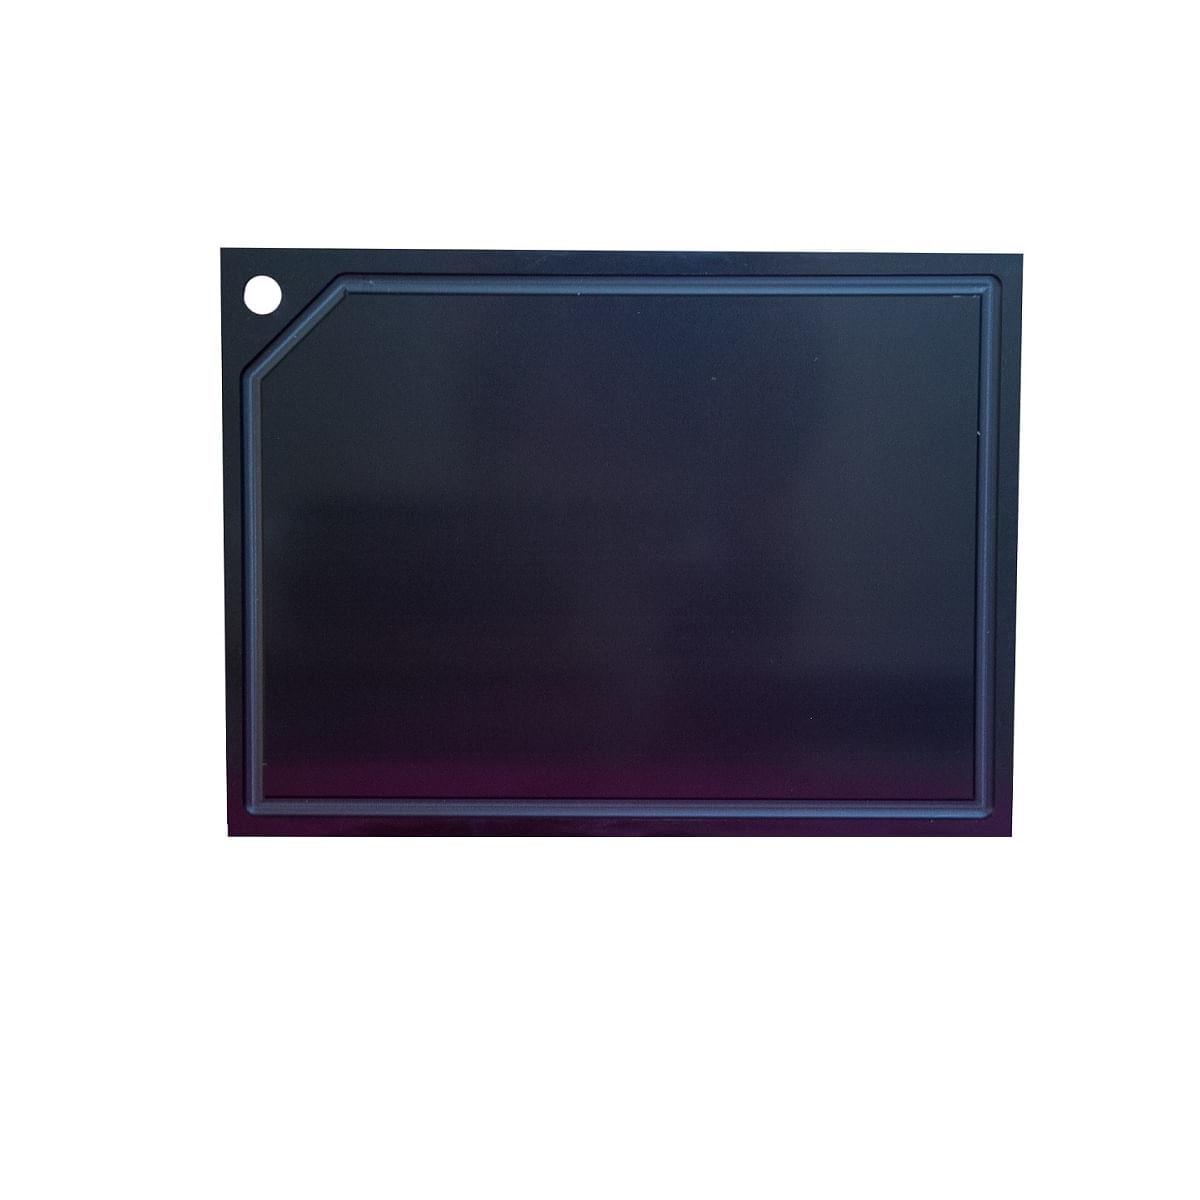 Tabua Corte Canaleta polietileno Preta 60 x 40 Luva termica